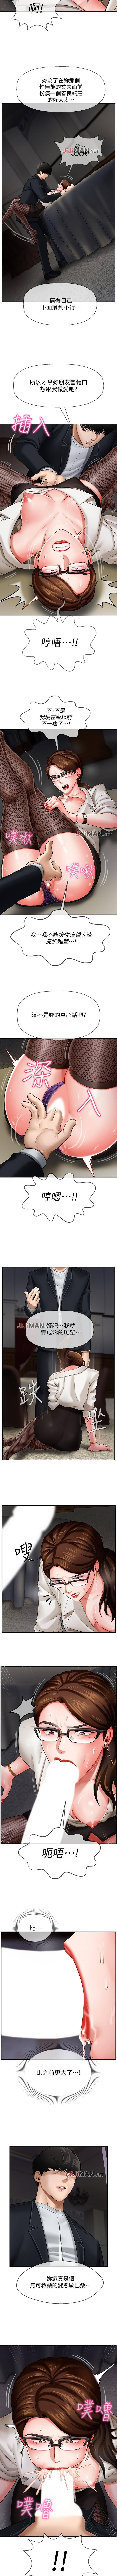 【已休刊】坏老师(作者:朴世談&福) 第1~31话 28